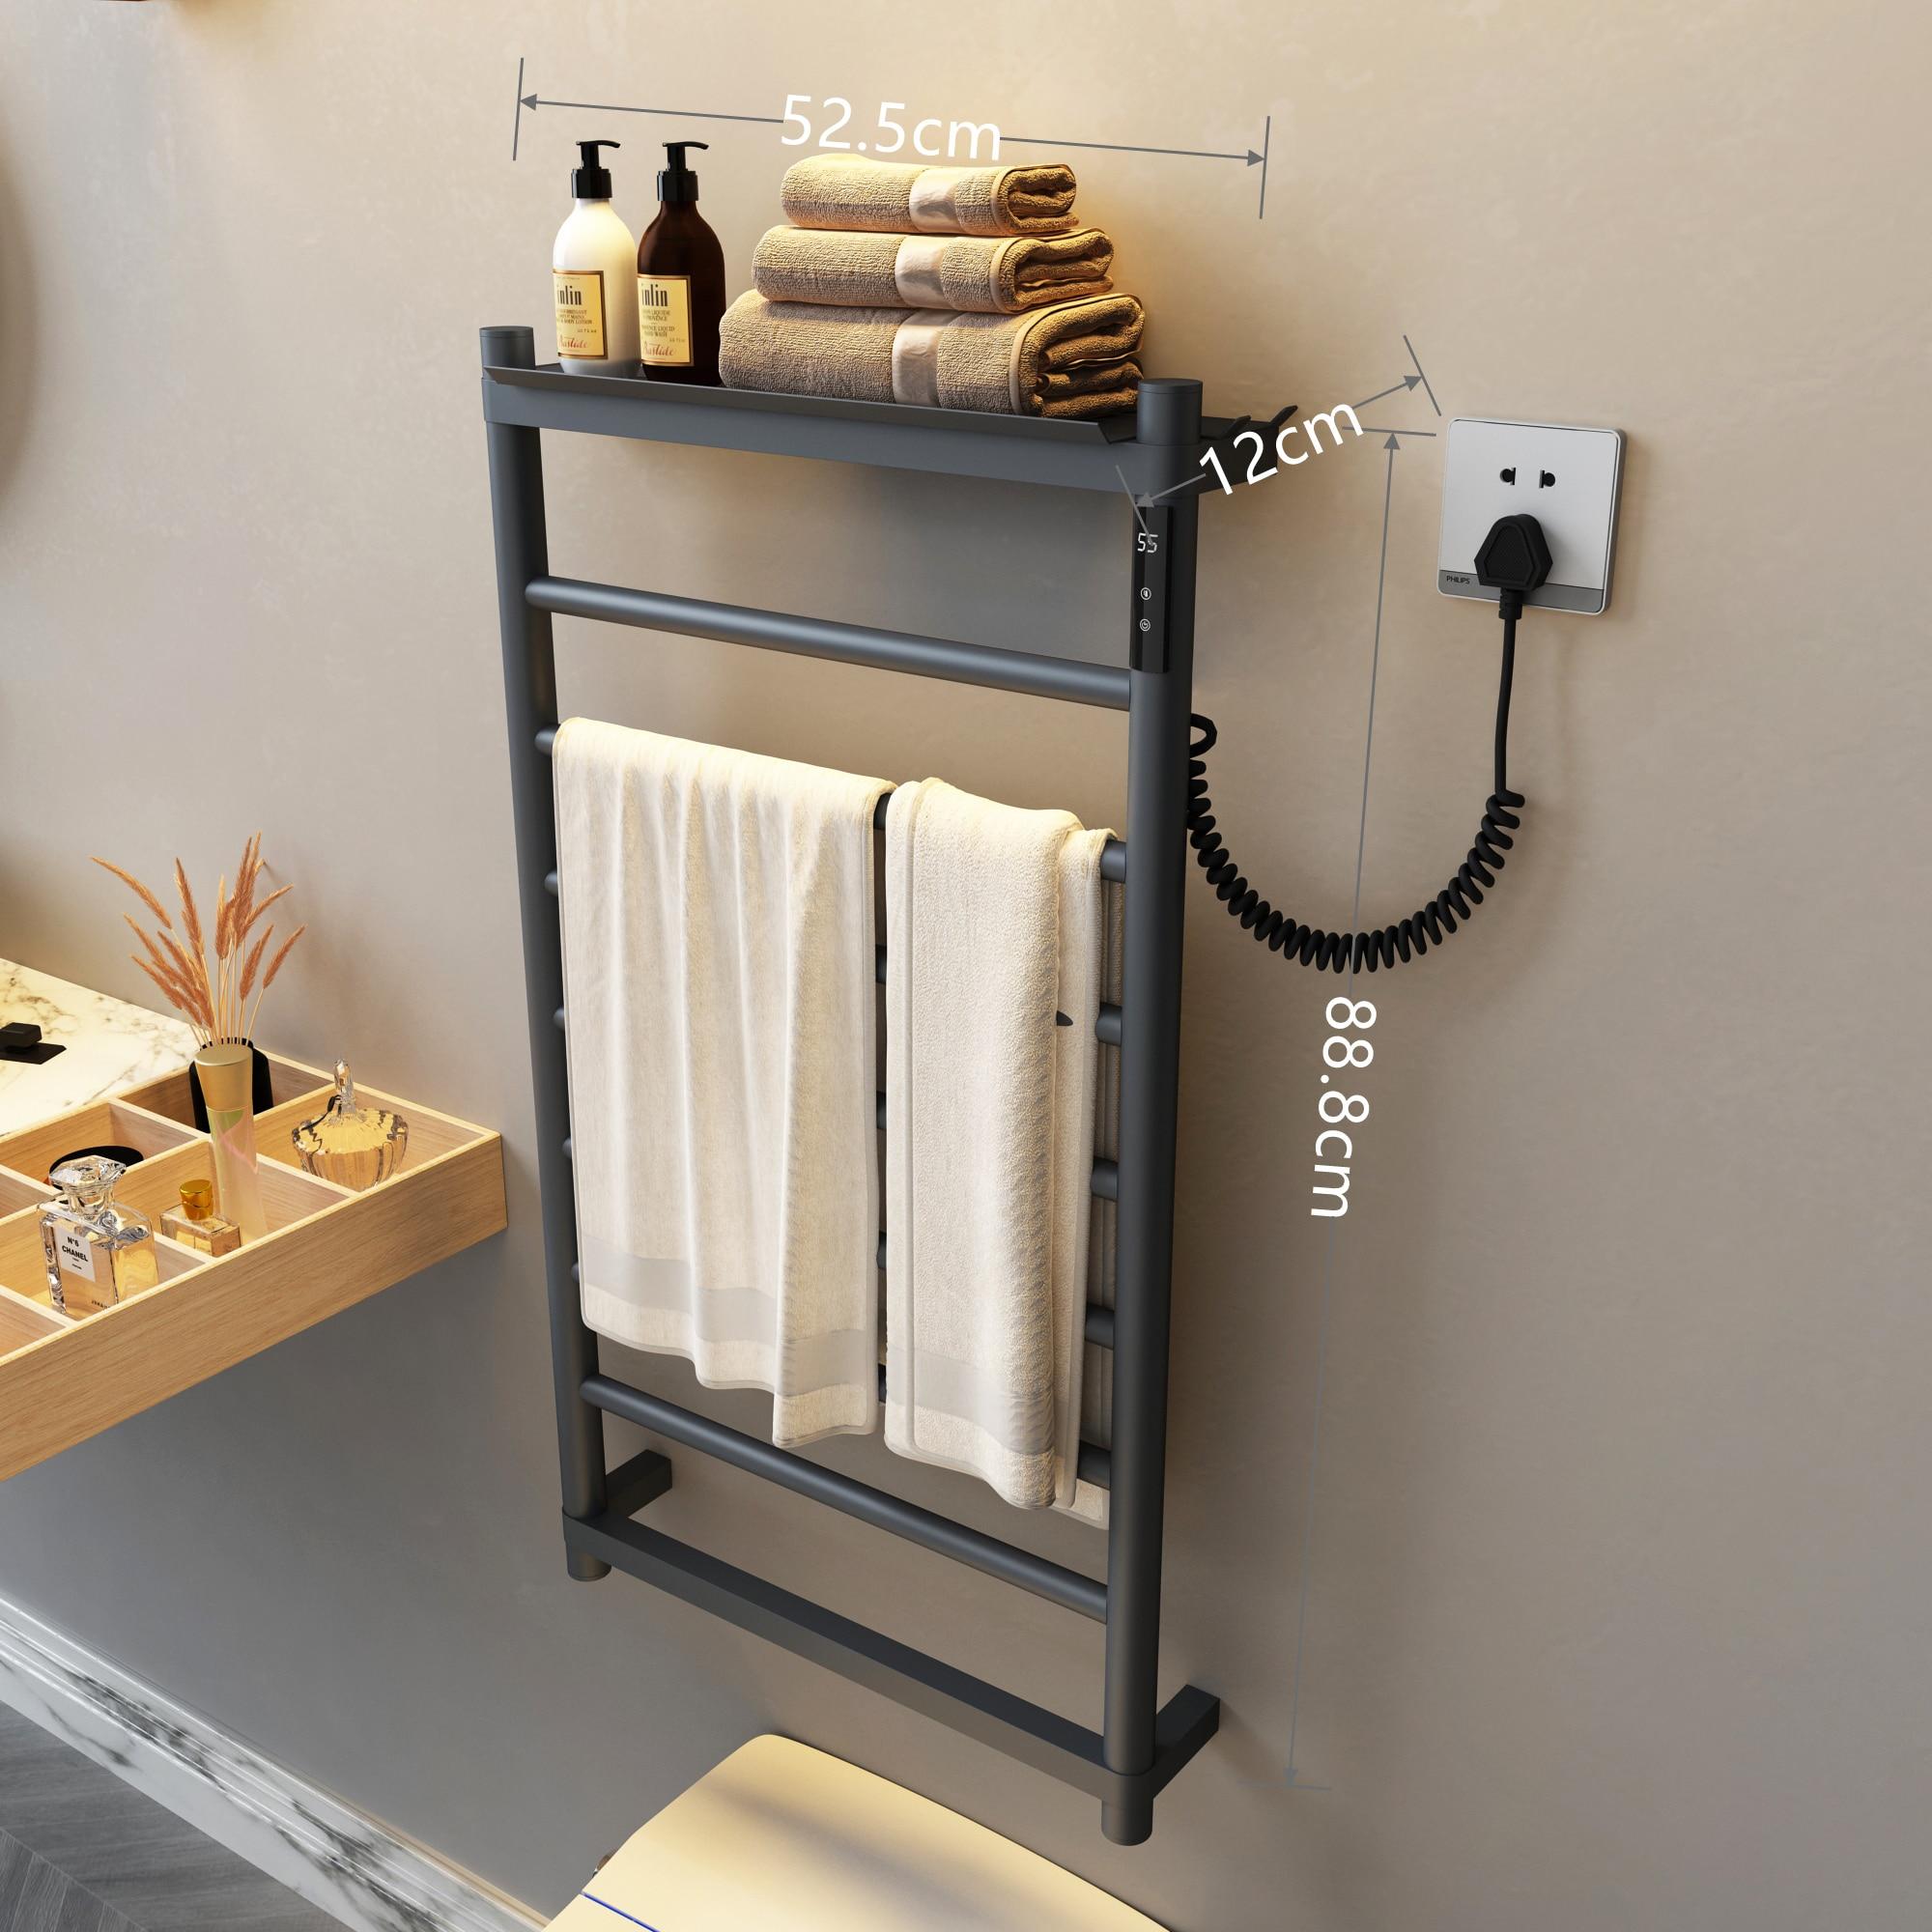 التدفئة الكهربائية منشفة رف اكسسوارات الحمام المنزلية رمادي عميق ترموستاتي تجفيف منشفة استحمام رف منشفة دفئا